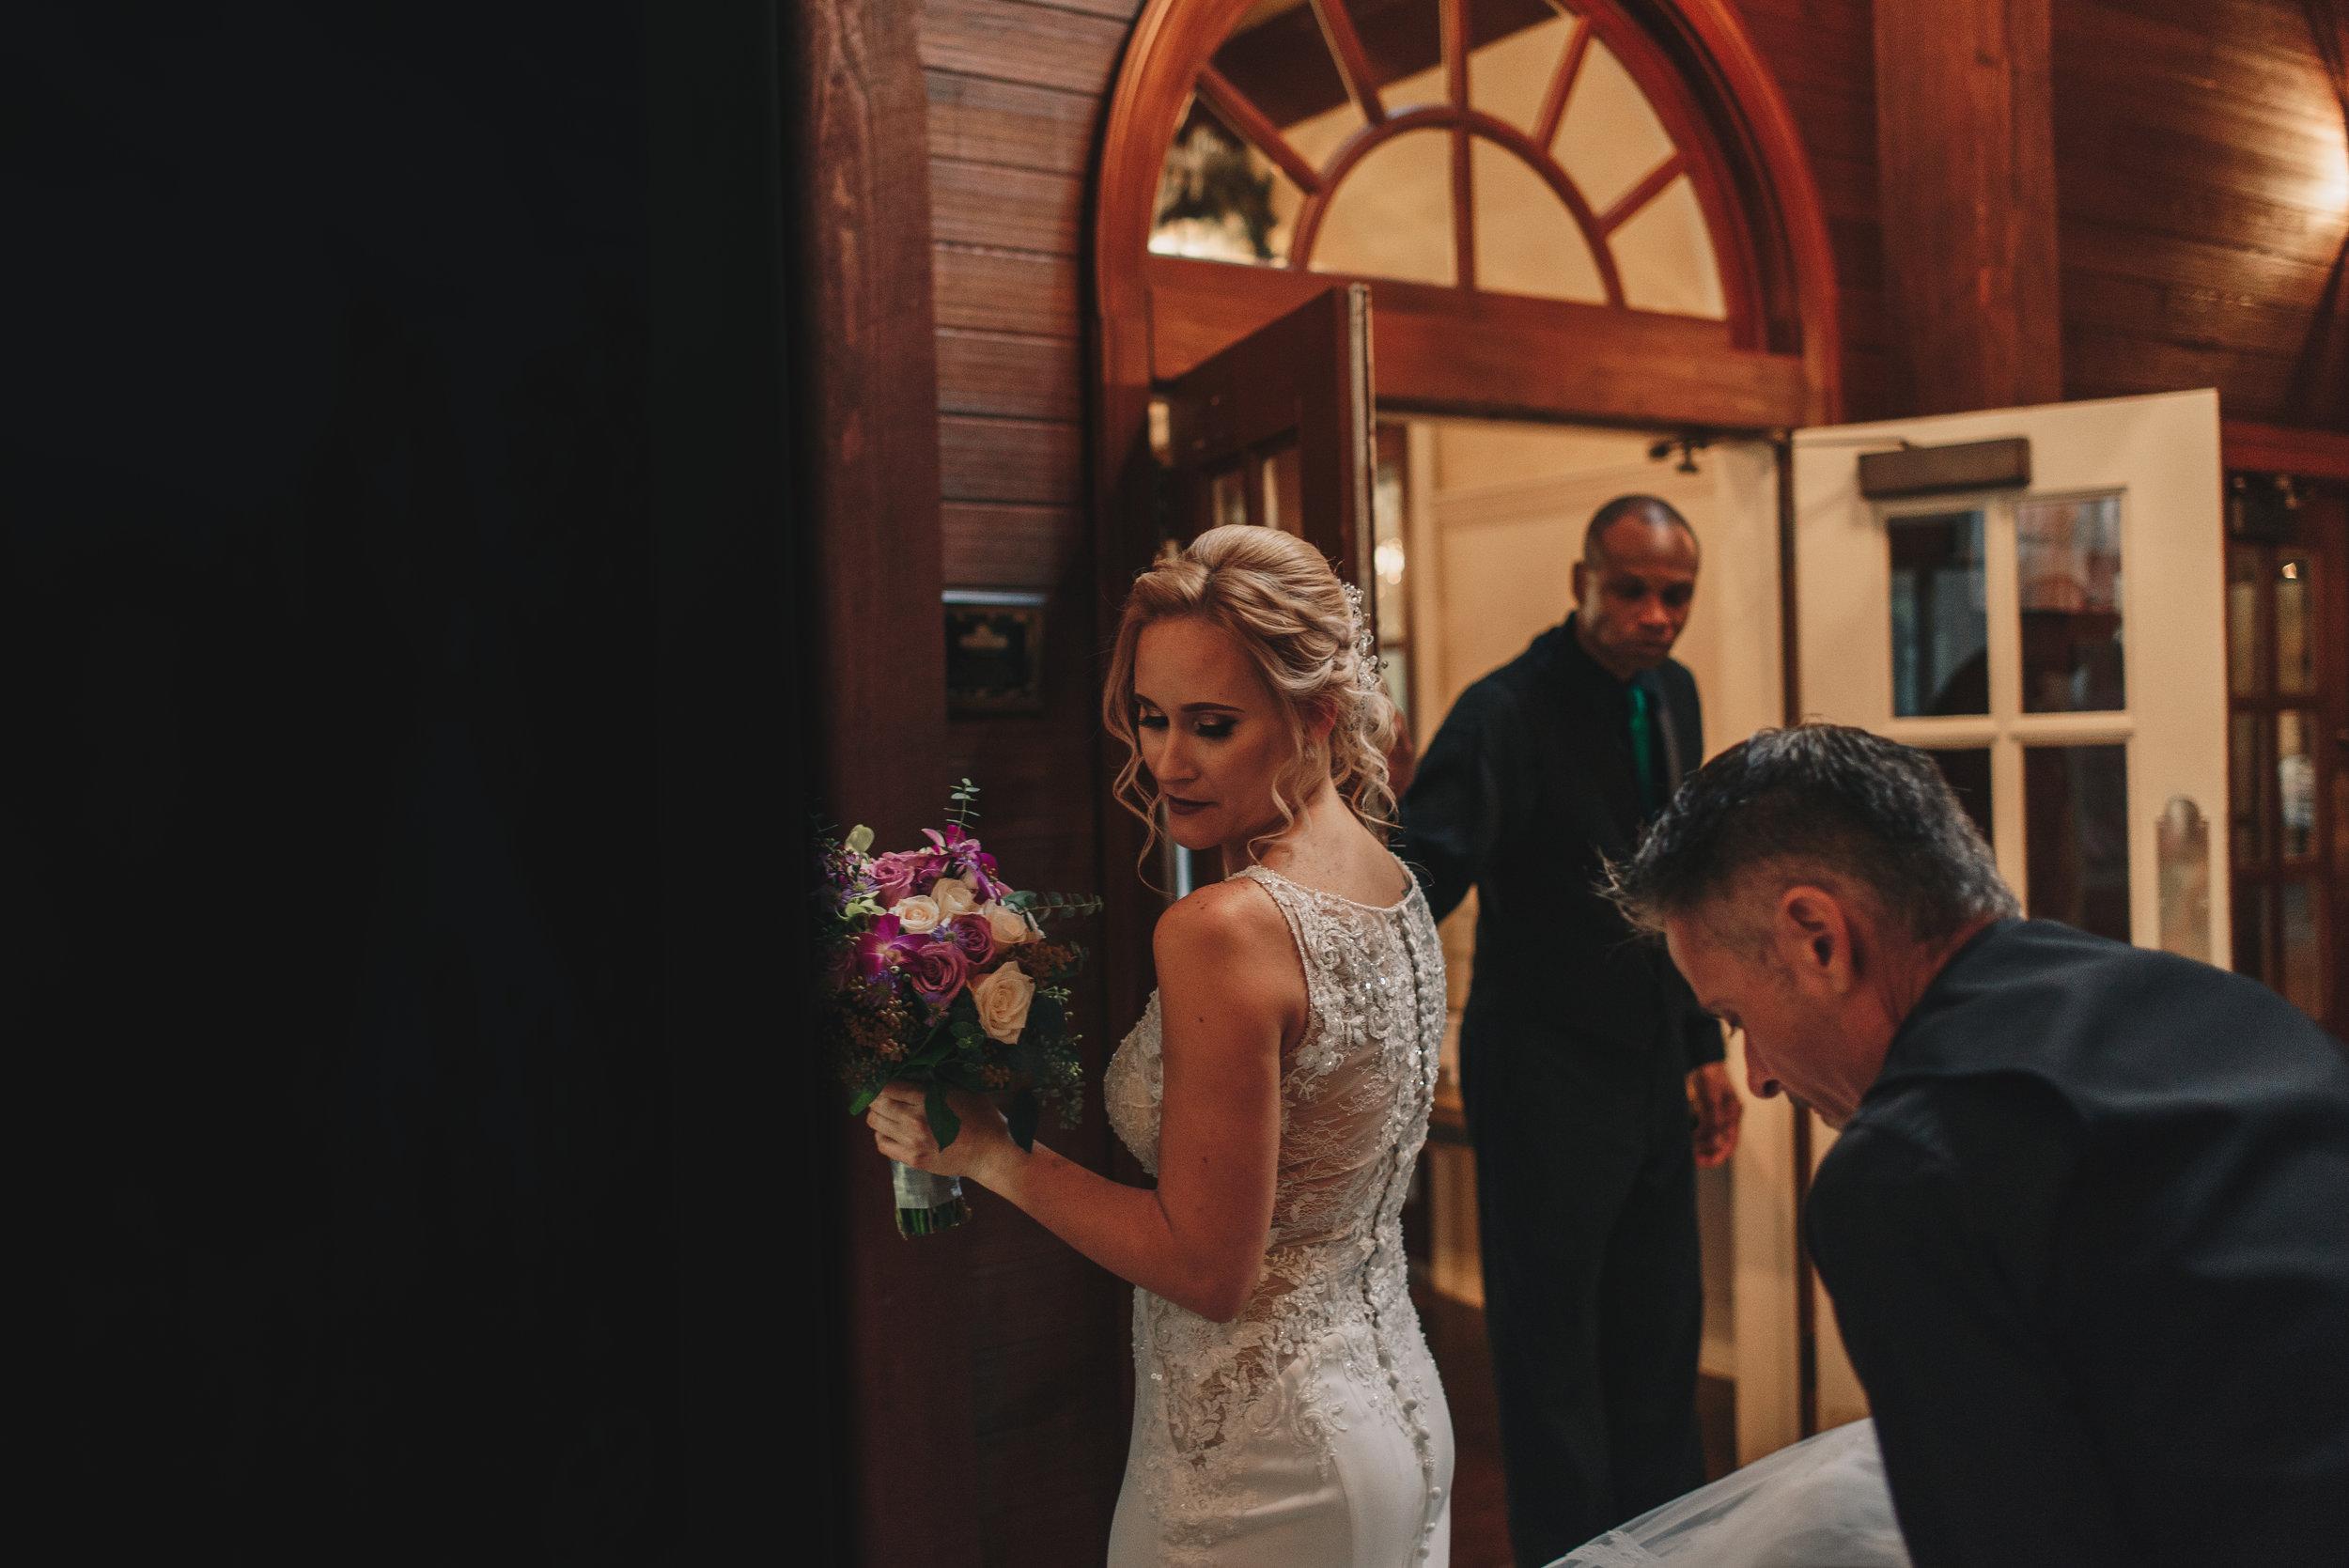 Los-Vargas-Photo-Wedding-Historic-Dubsdread-Ballroom-8055.jpg